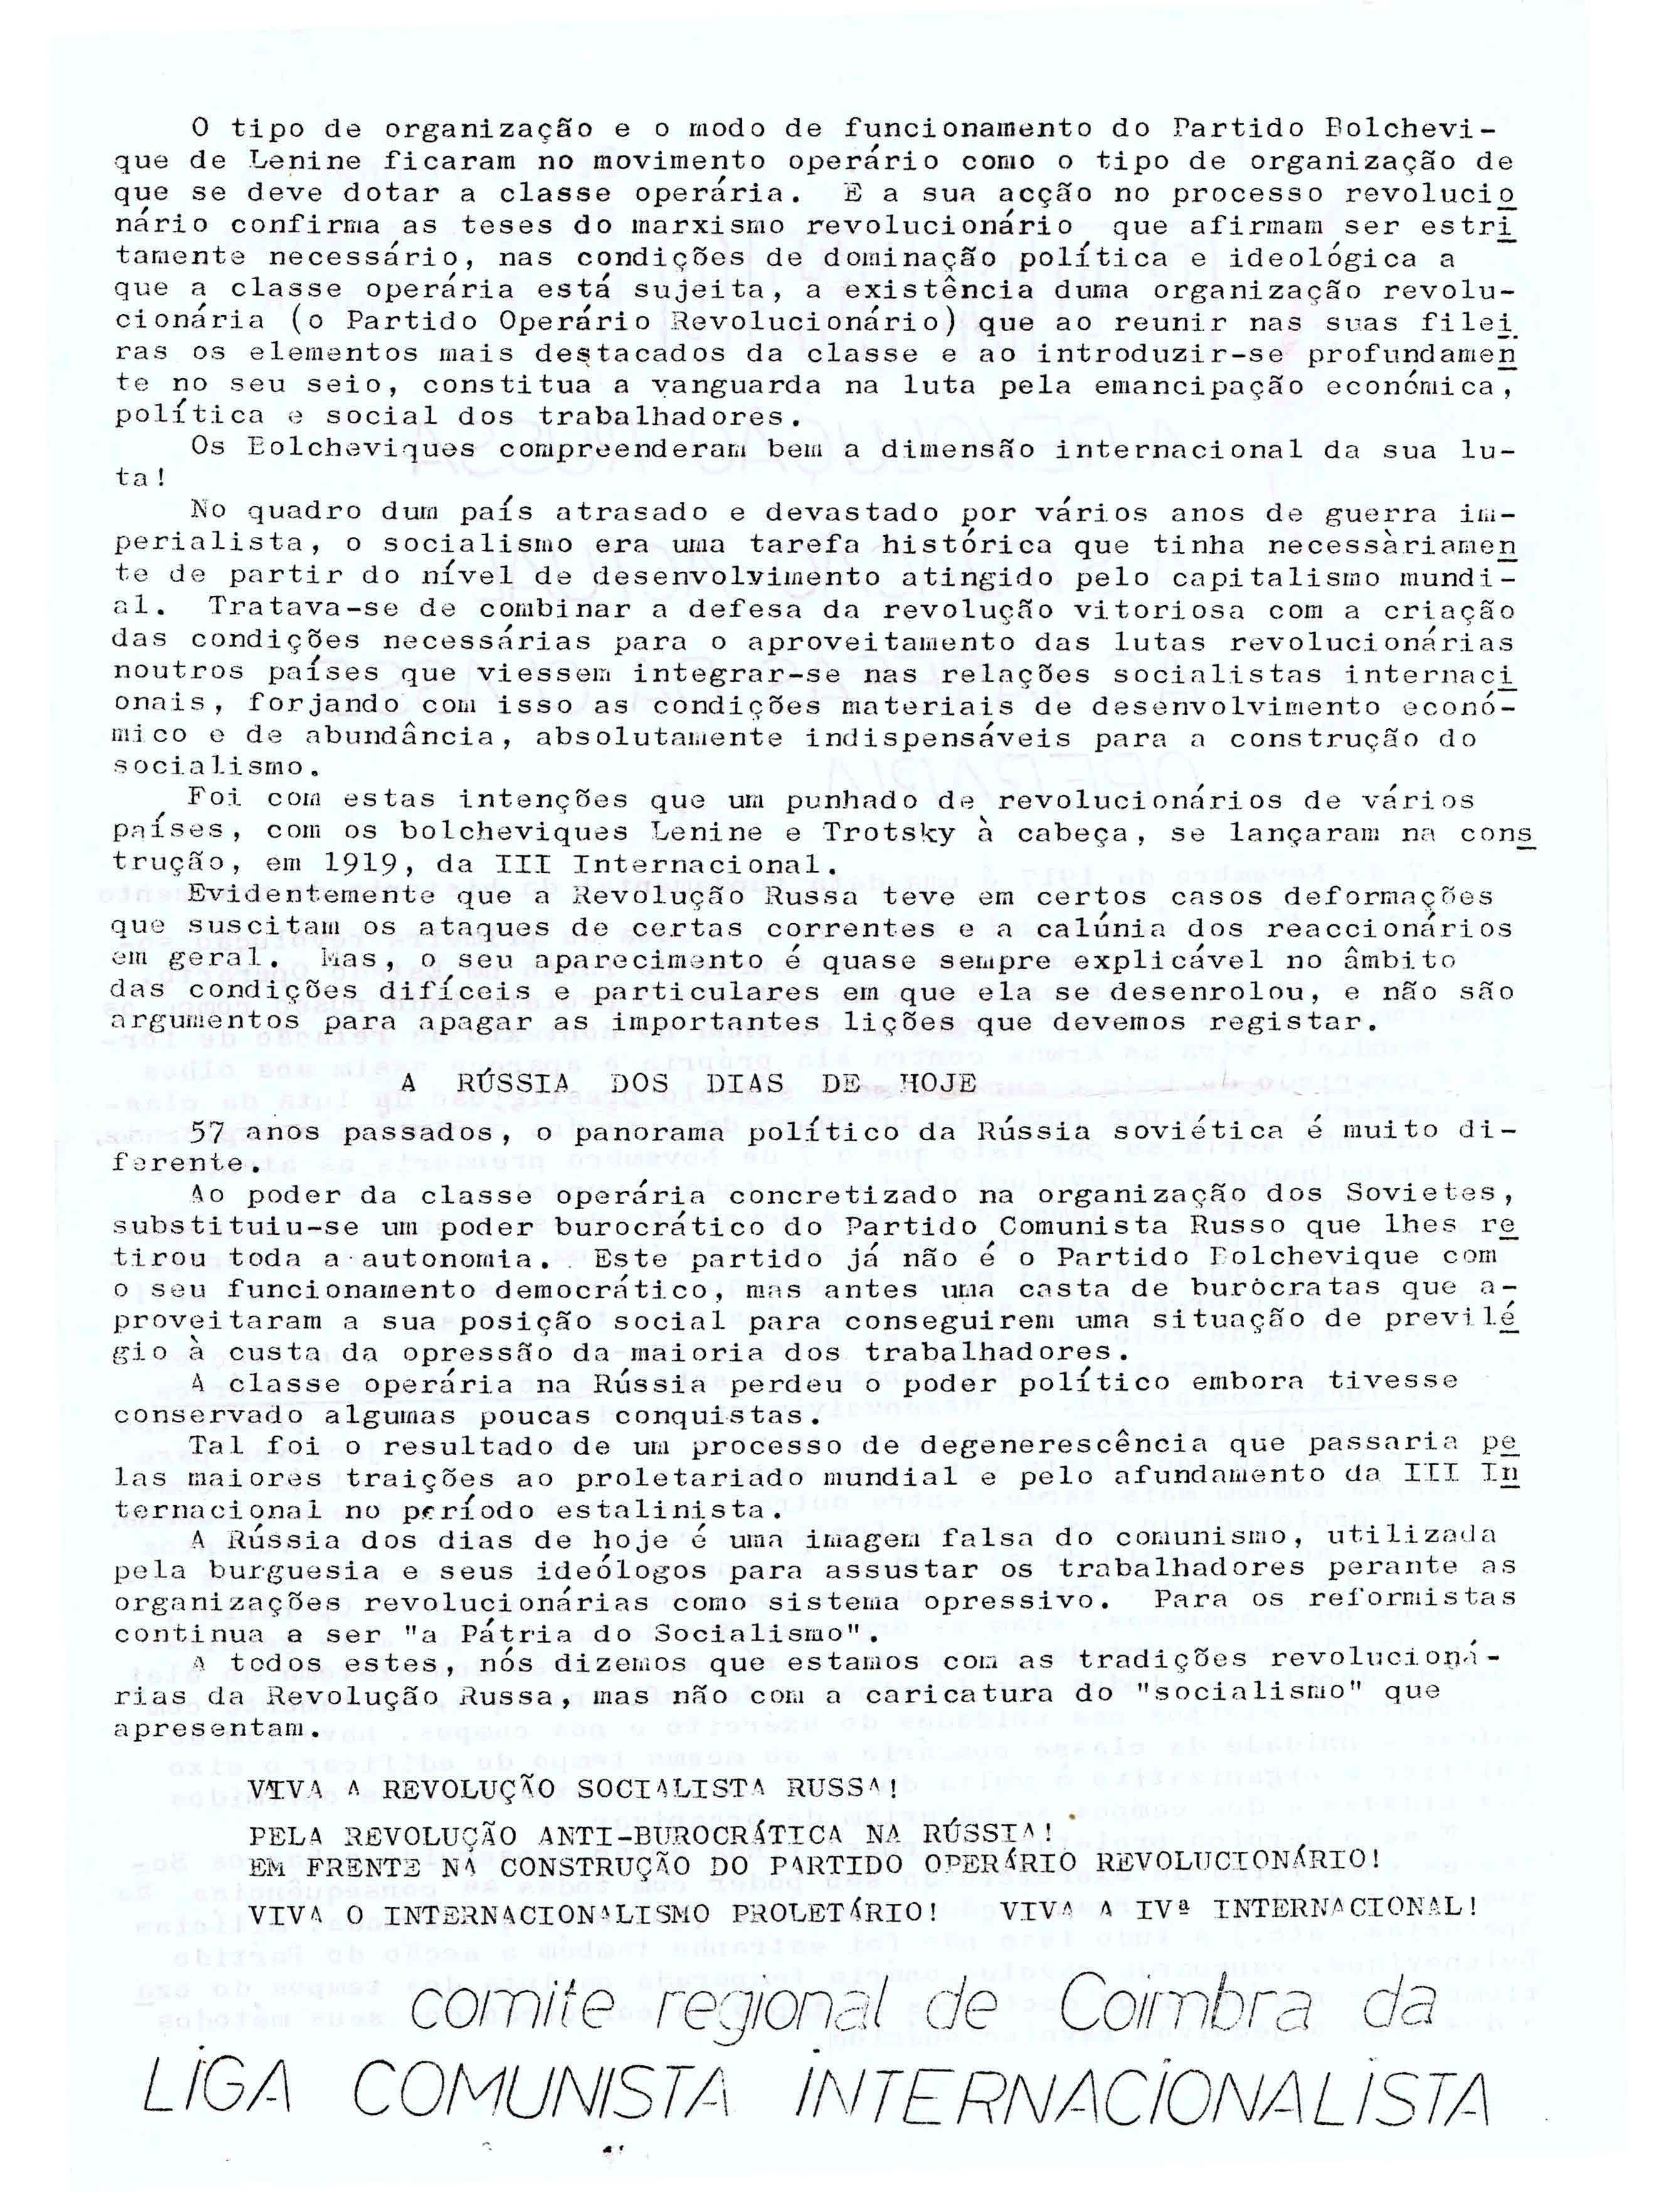 Document (191) 12 (2)